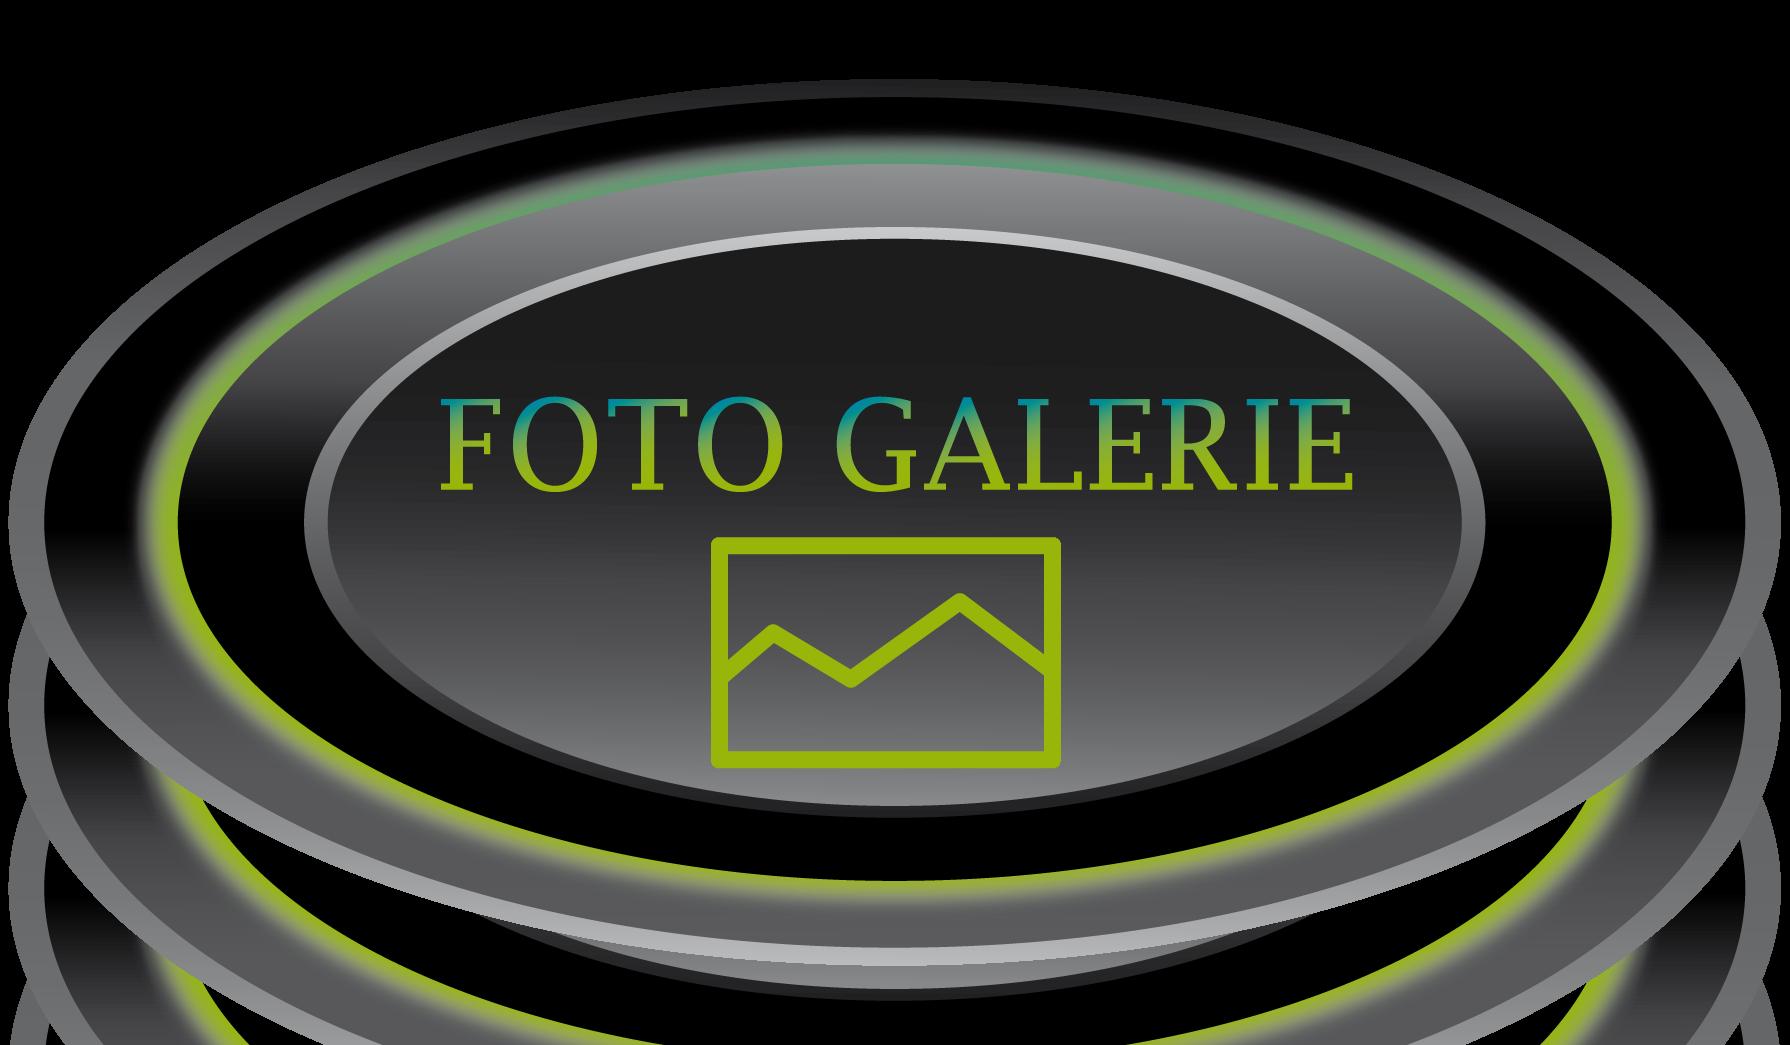 Foto Galerie Ferienhaus Vogel